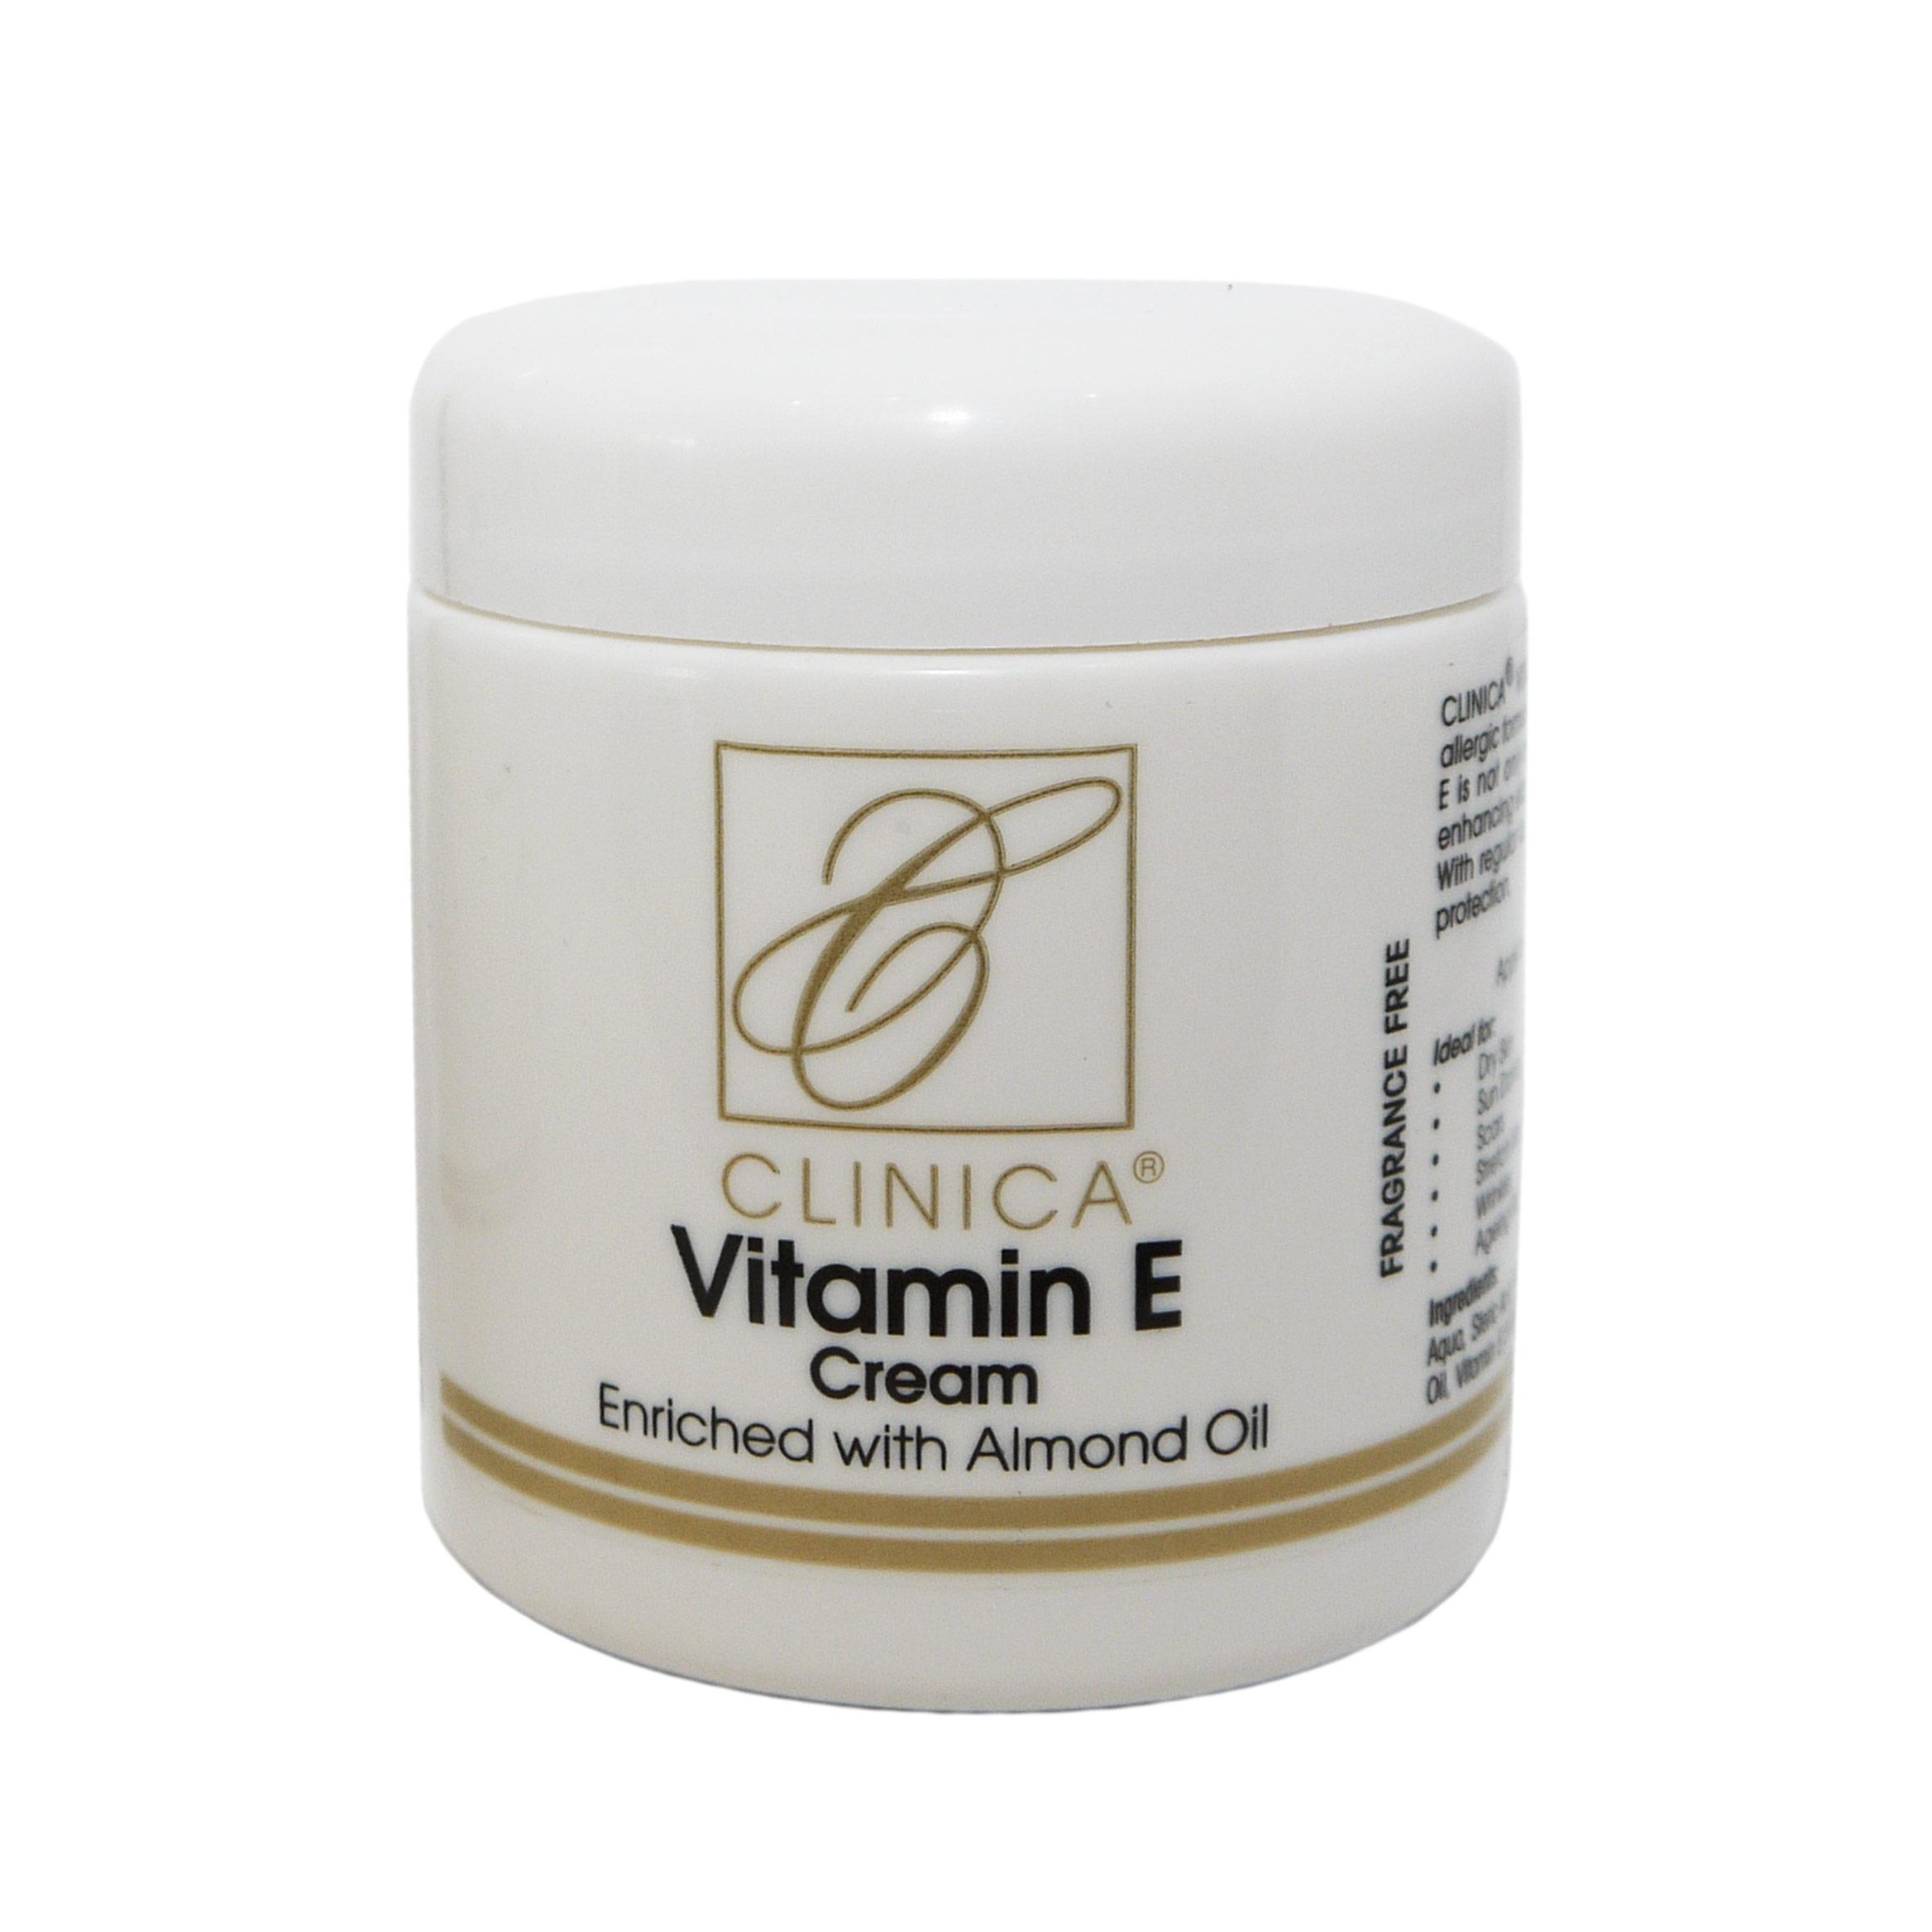 Clinica Vitamin E Tub - 500g